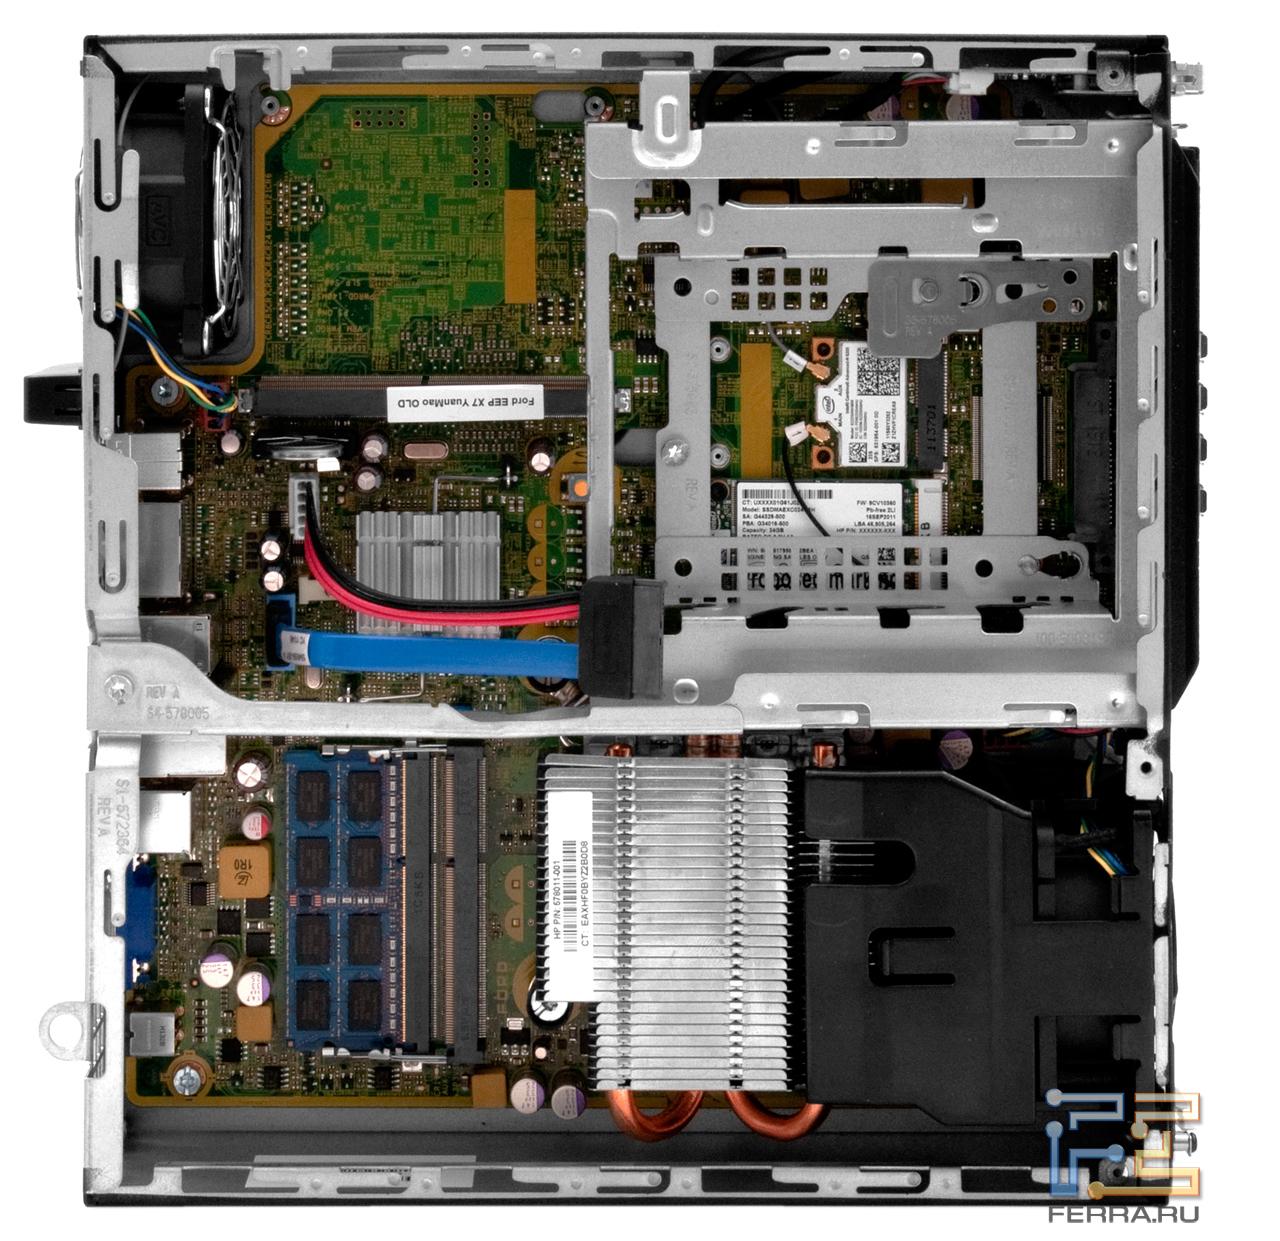 Клавиатура + мышь Microsoft Designer (7N9-00018) клав:черный мышь:черный Bluetooth